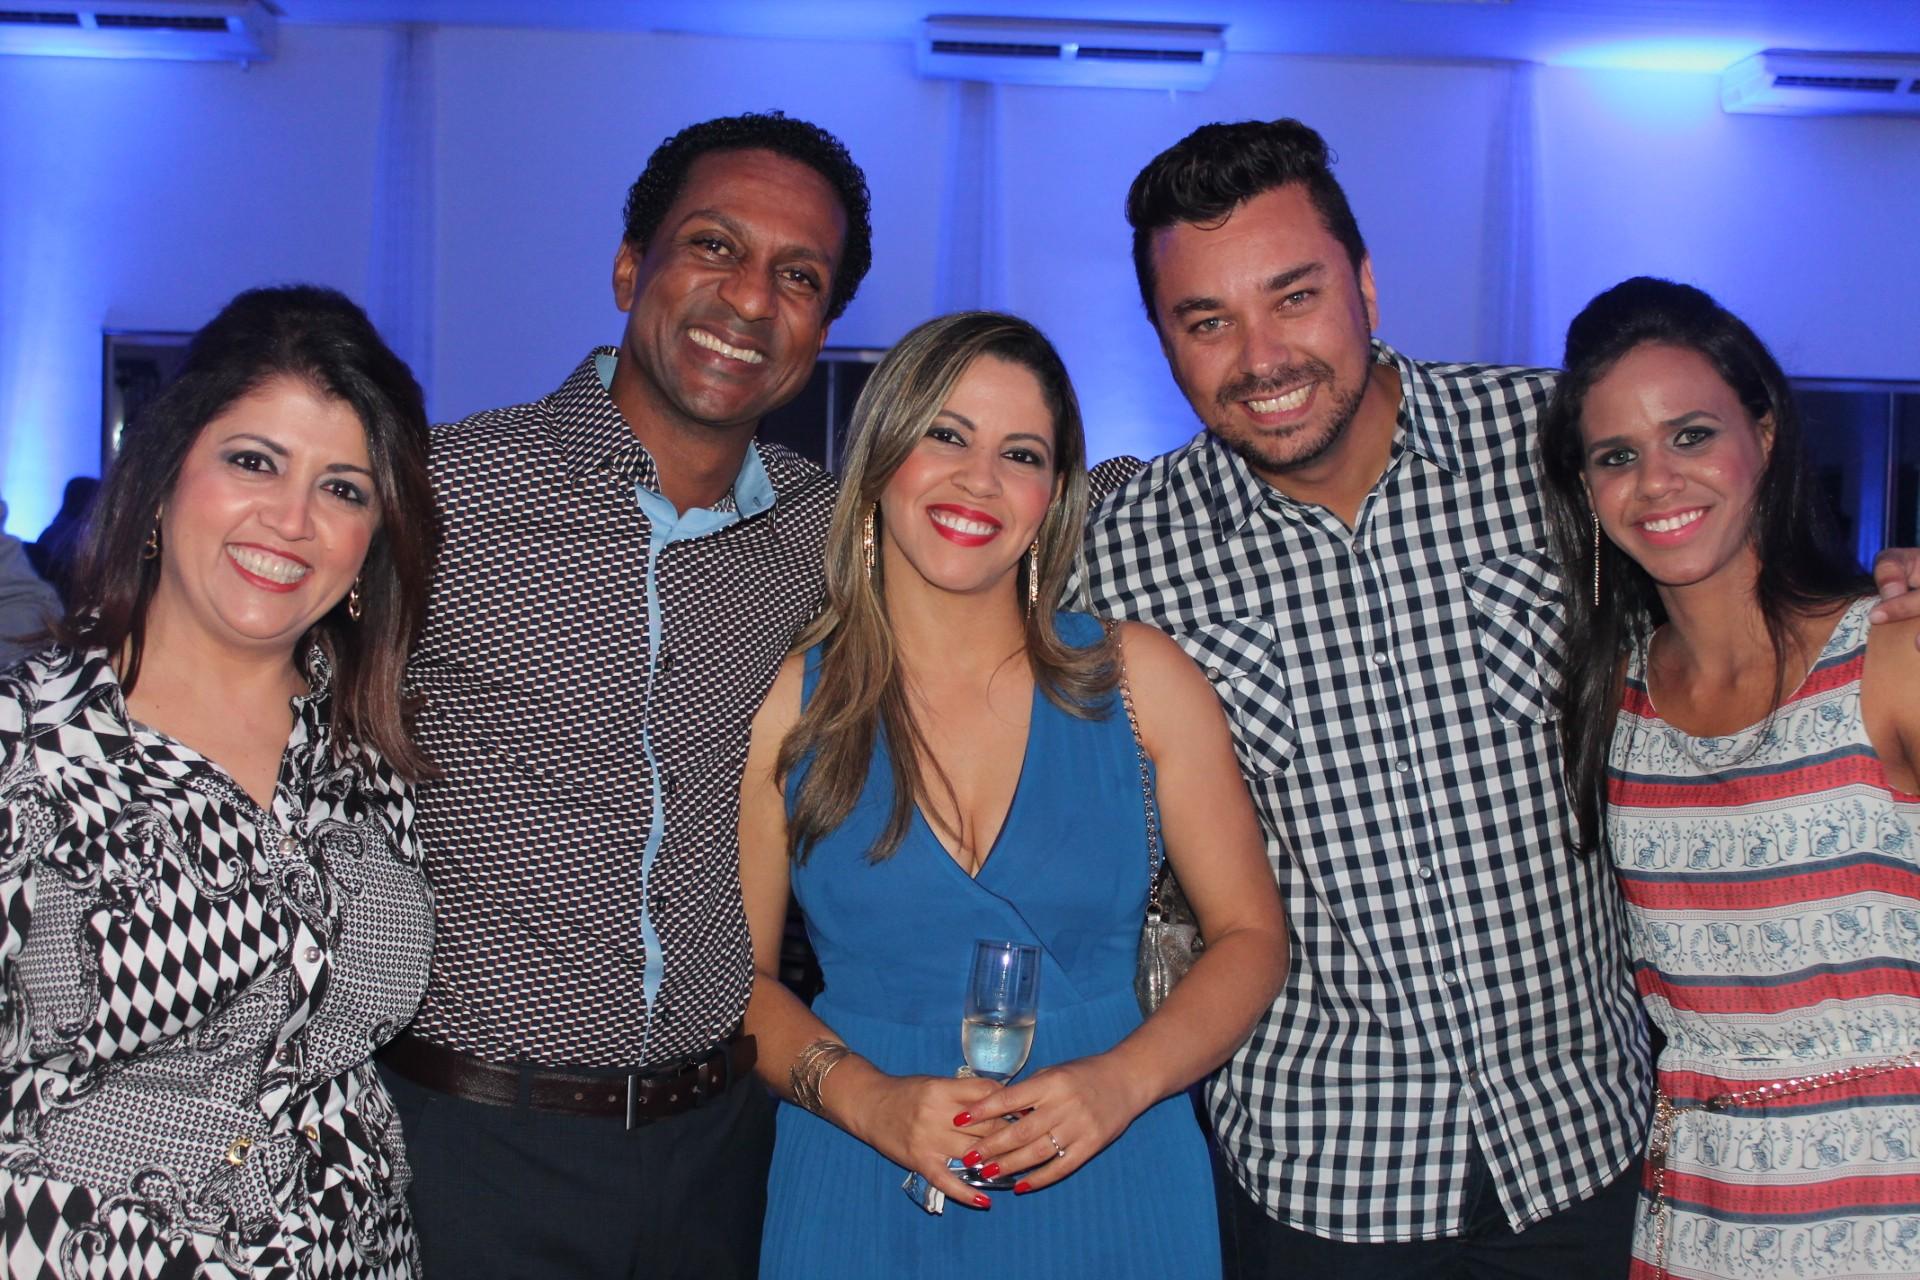 Camilla com amigos de trabalho e o ator Luiz Miranda (segundo da esquerda para a direita) durante festa de lançamento do Canal Digital da TV Grande Rio (Foto: Arquivo Pessoal)